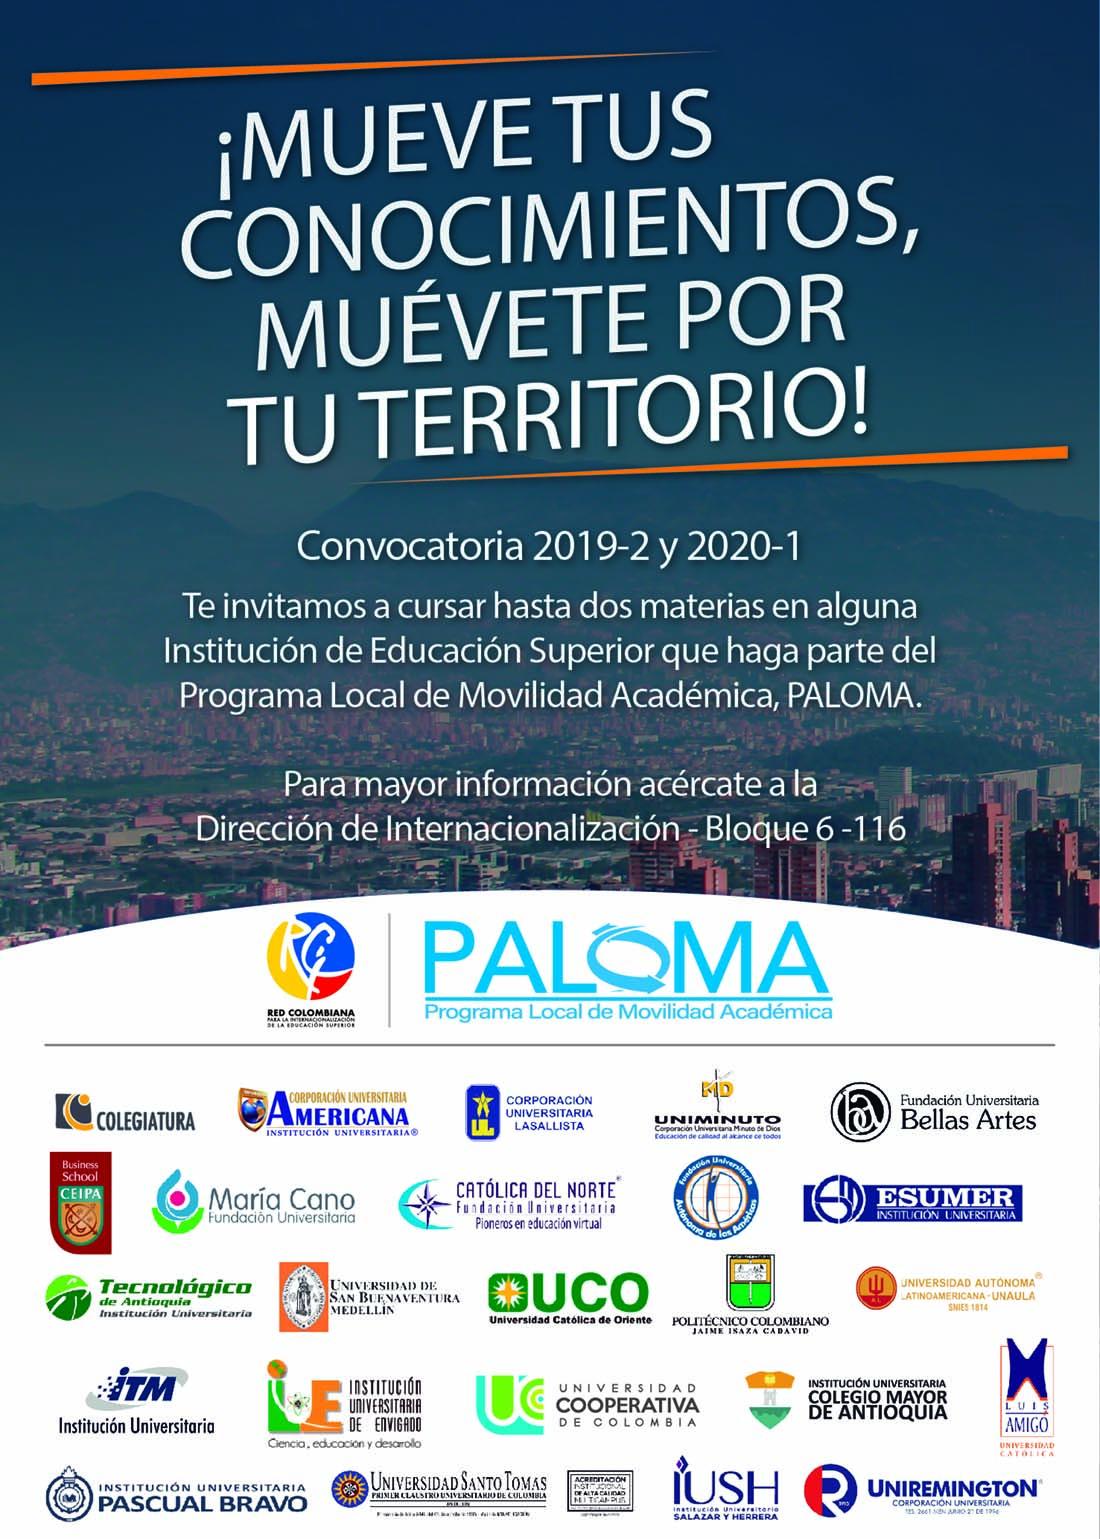 Convocatoria PALOMA 2019-2 y 2020-1